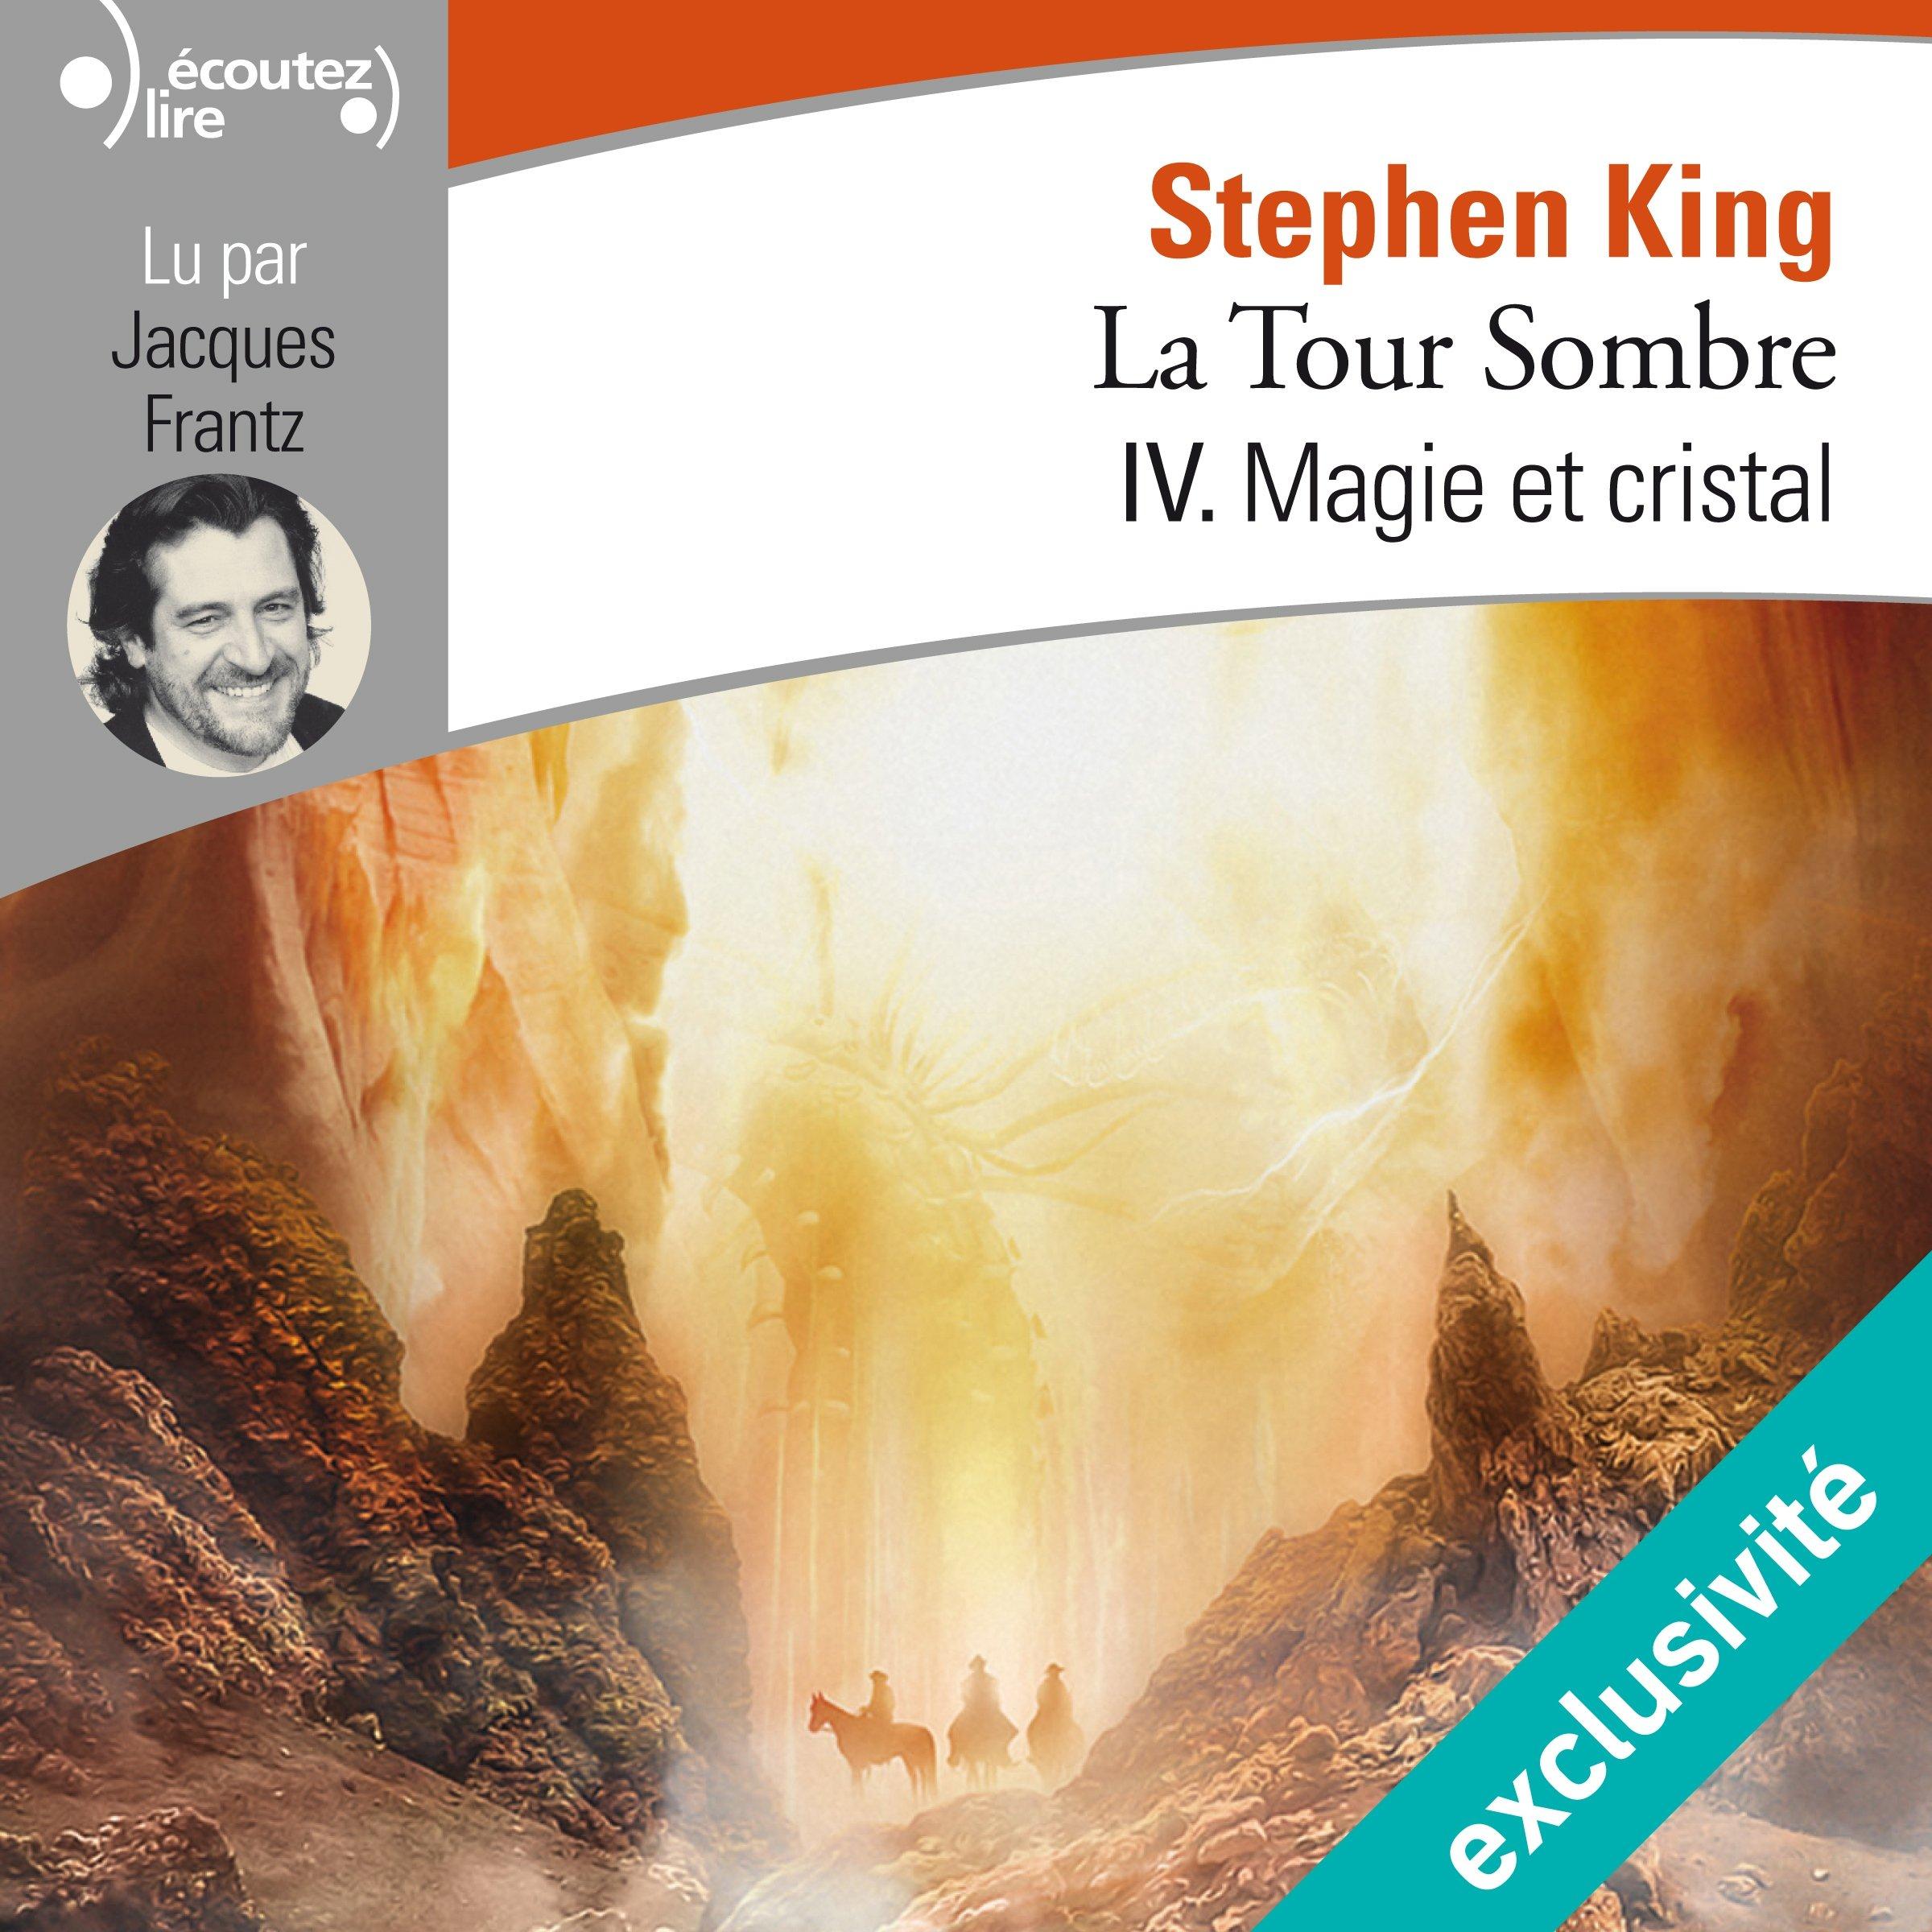 Magie et cristal (La Tour Sombre 4) de Stephen King